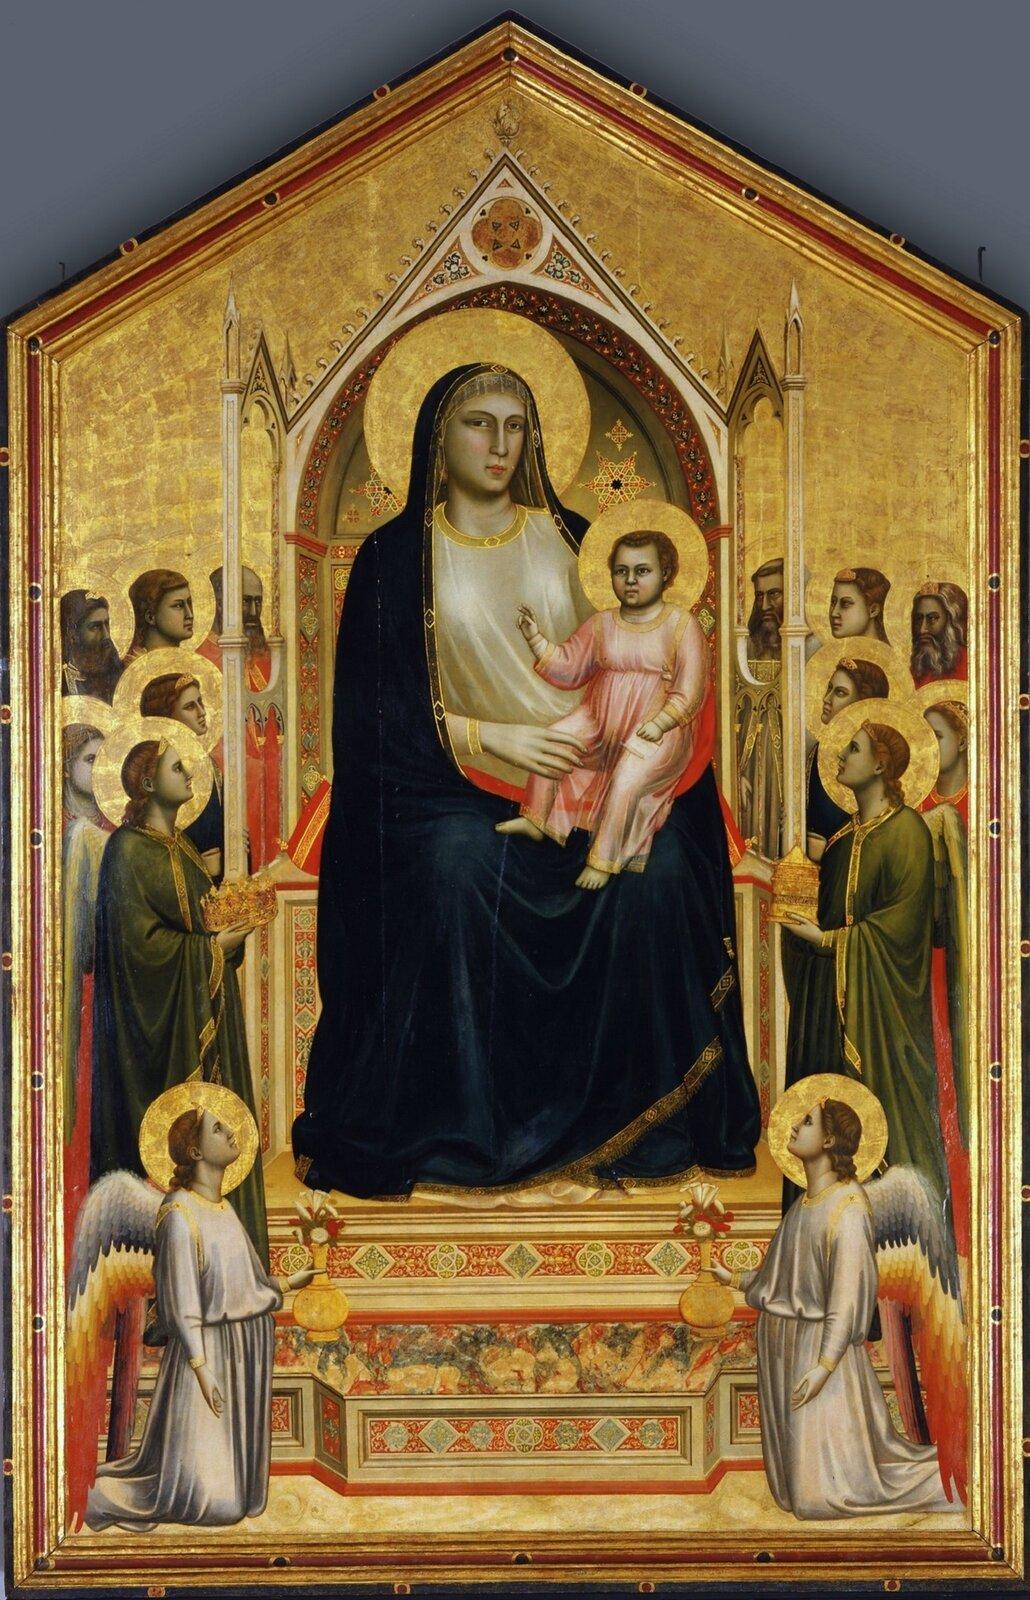 """Ilustracja przedstawia obraz """"Madonna zDzieciątkiem"""" autorstwa Giotta di Bondone. Dzieło ukazuje Matkę Boską zDzieciątkiem zasiadającą na wysokim tronie zbaldachimem. Umieszczona wcentrum postać Marii jest znacznie większa od pozostałych. Jej twarz ujęta jest zpółprofilu, oczy skierowane na odbiorcę. Lekko uśmiechnięte usta nadają postaci ciepły charakter. Ubrana jest wbiałą suknię okrytą ciemno-niebieskim płaszczem. Mały Jezus ma na sobie jasno-różową tunikę. Wznosi prawą rękę wgeście błogosławieństwa. Po obu stronach świętej pary artysta umieści postacie proroków iświętych waureolach. Pod tronem klęczą dwaj aniołowie wbiałych szatach. Tło kompozycji oraz aureole zostały pokryte złotem. Obraz otoczony jest ozdobną, złoto-czerwoną ramą. Wykonane wtechnice temperowej dzieło, zamknięte jest wkształcie pięciokąta."""